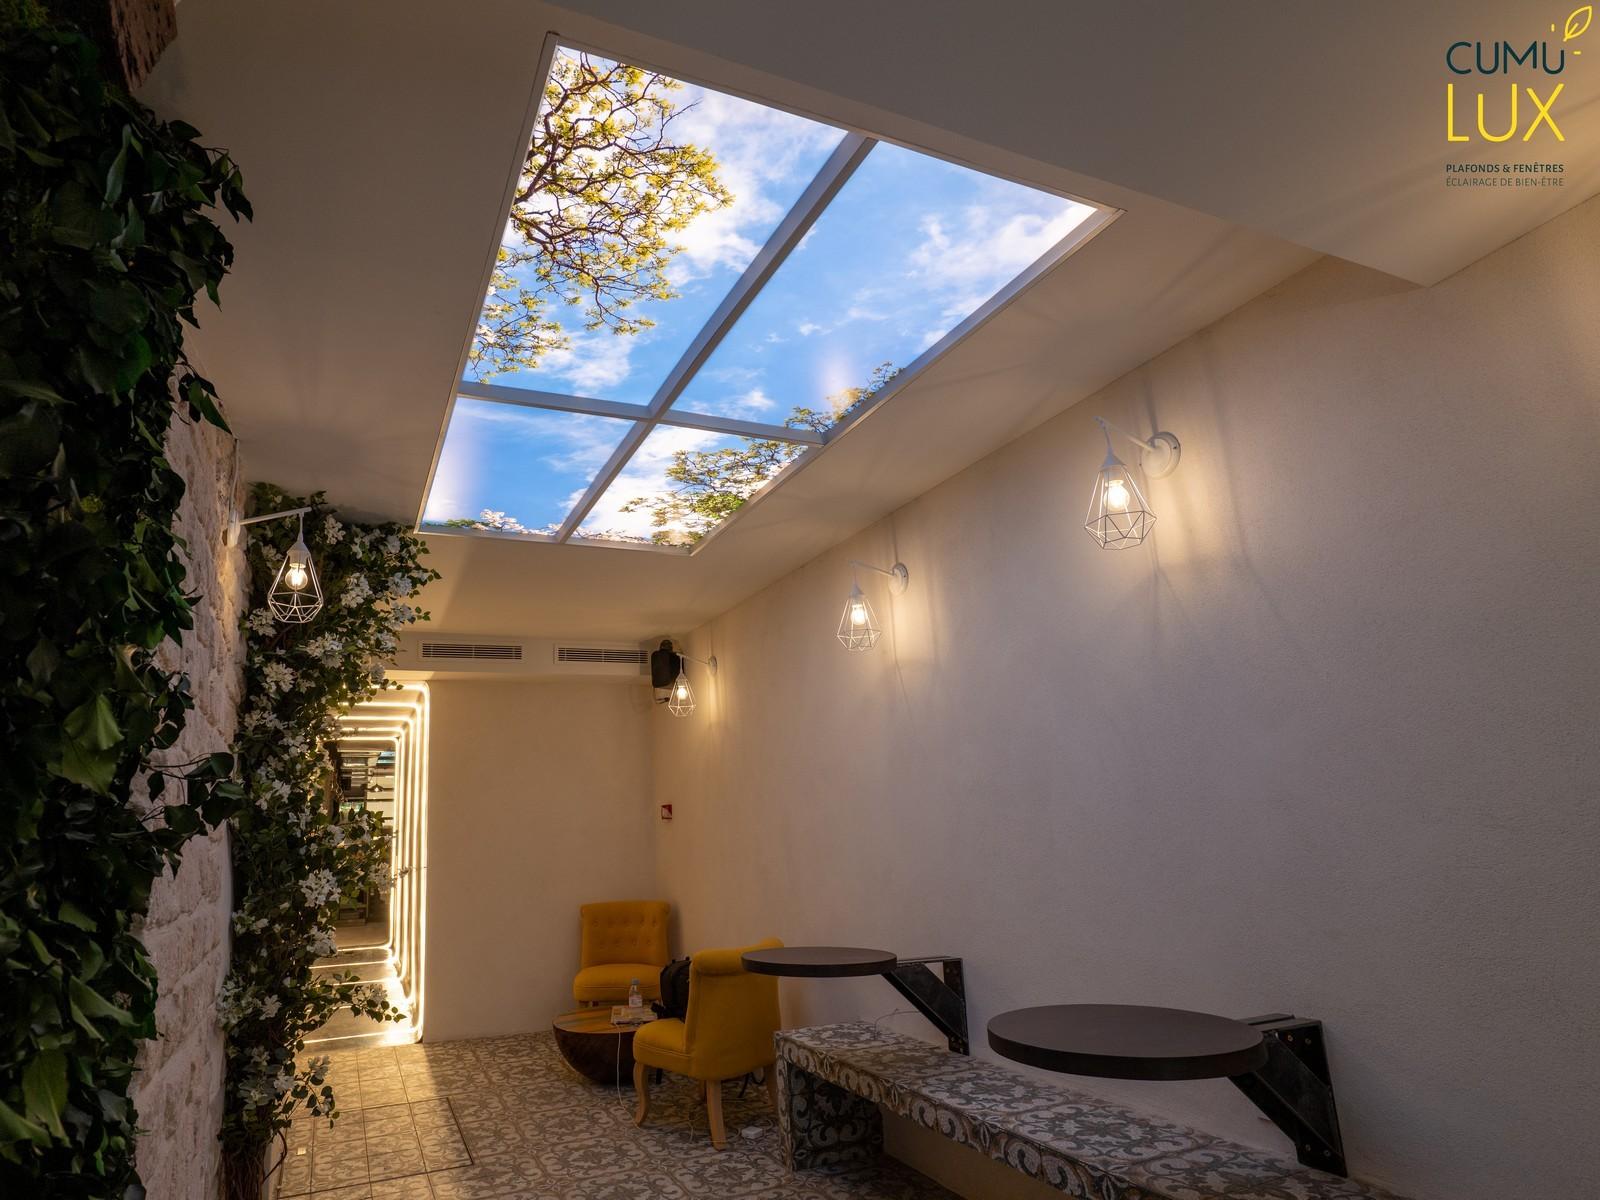 Plafond ciel Cumulux qui respecte le rhytme circadien